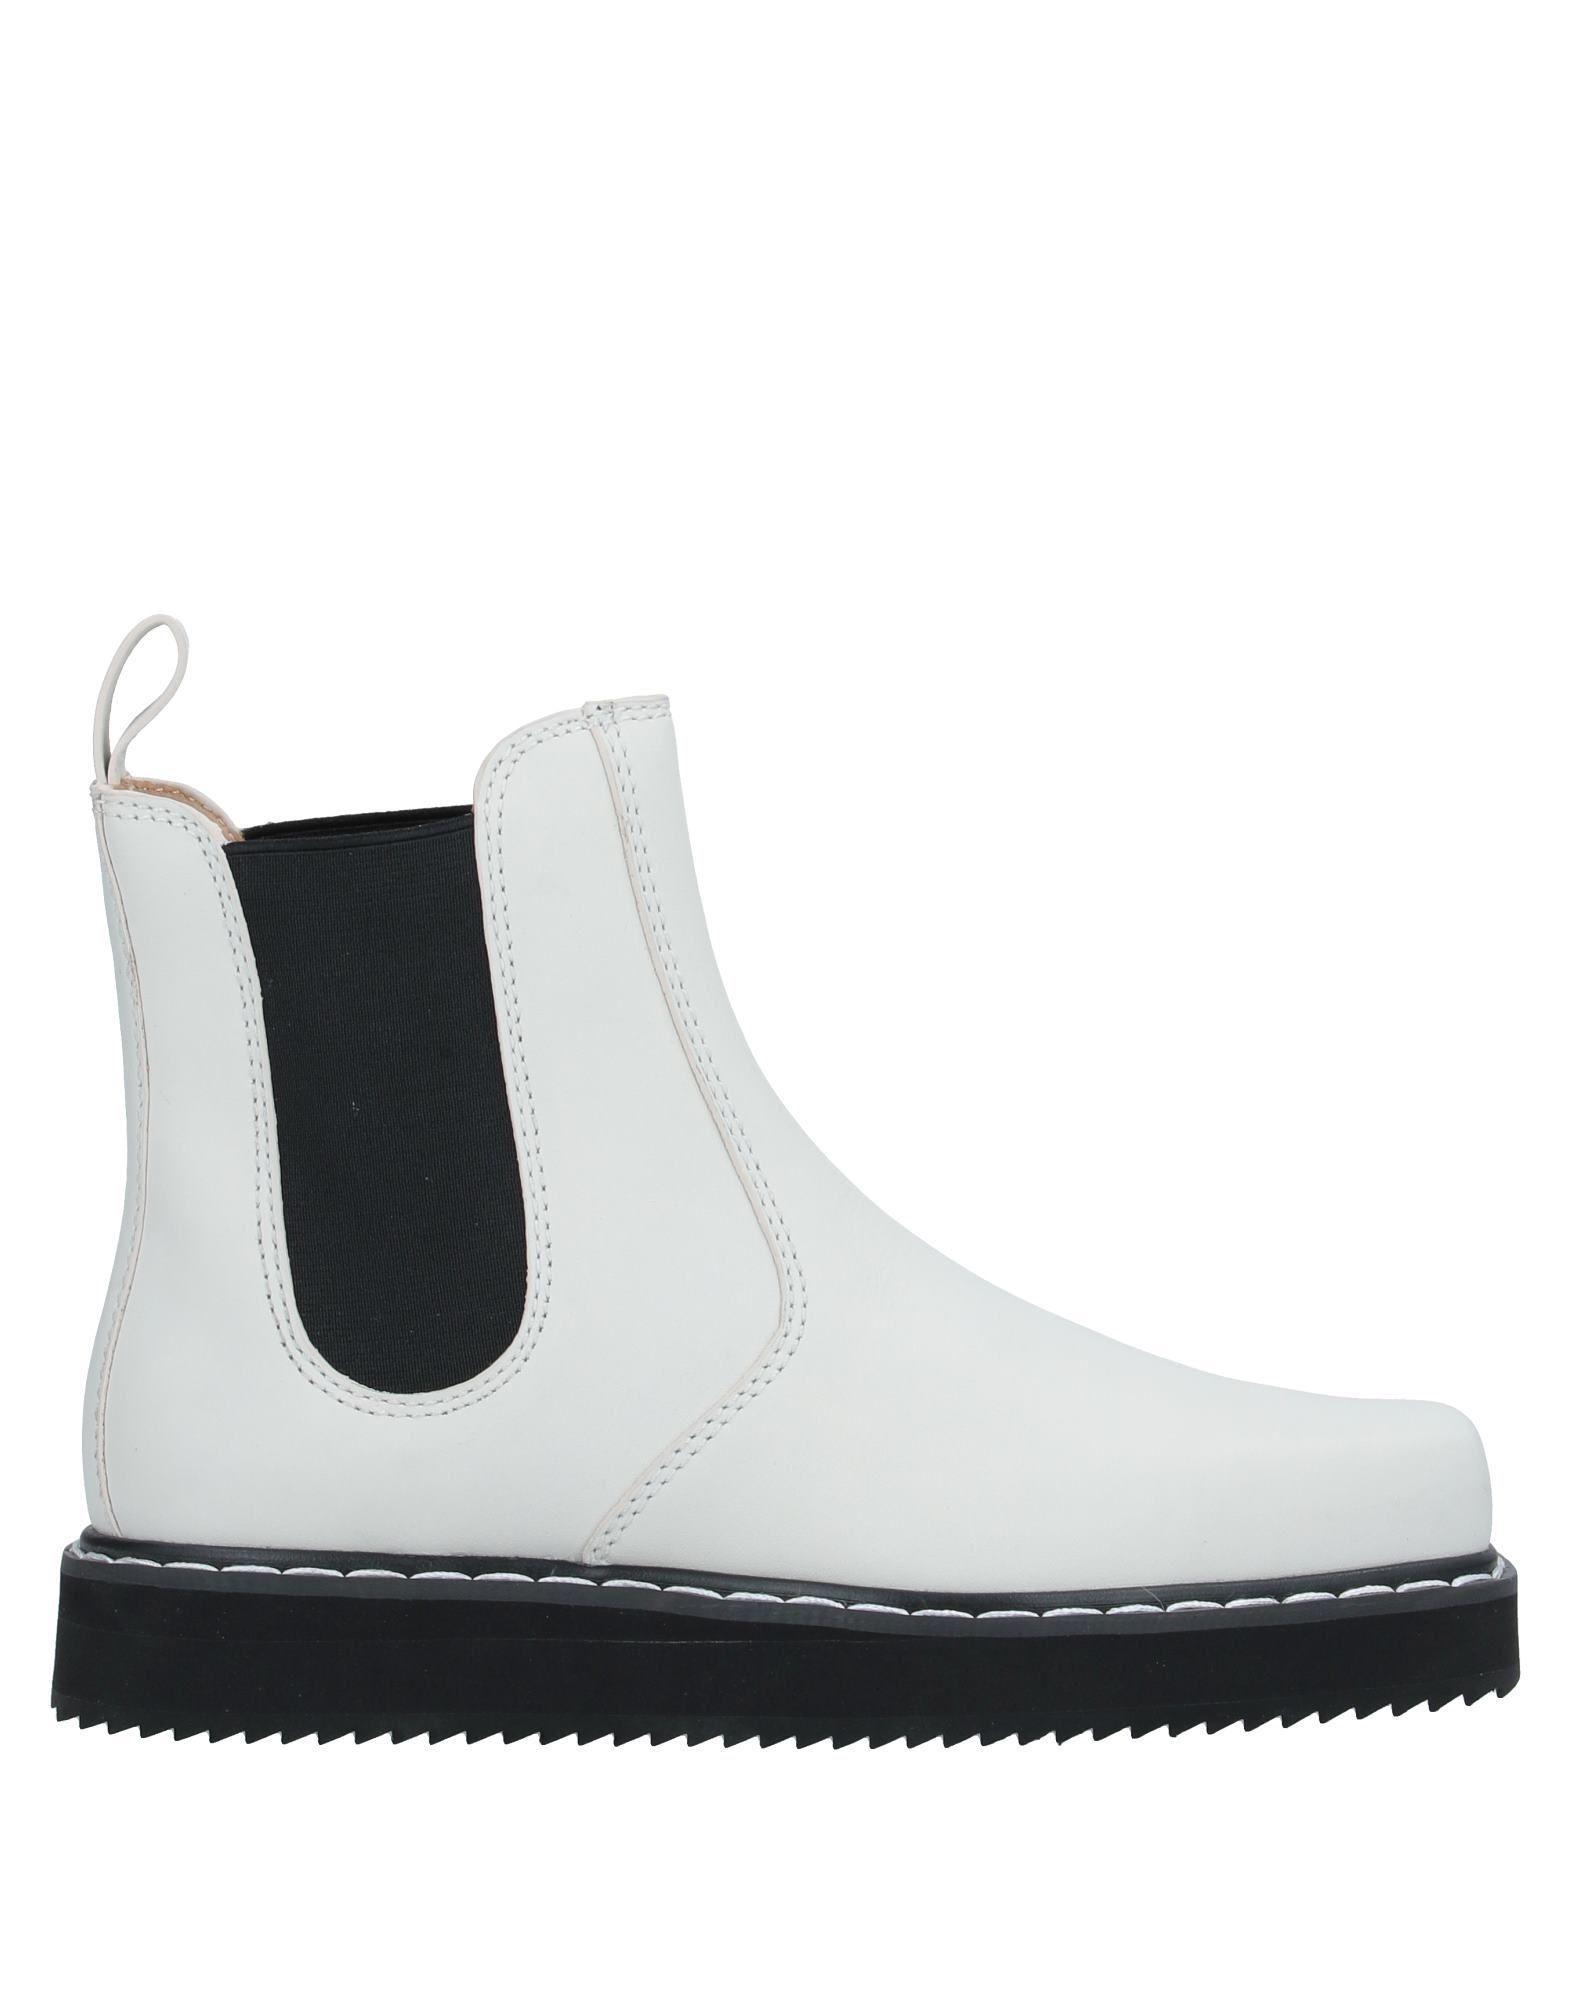 Jil Sander Navy Ivory Calf Leather Flatform Ankle Boots